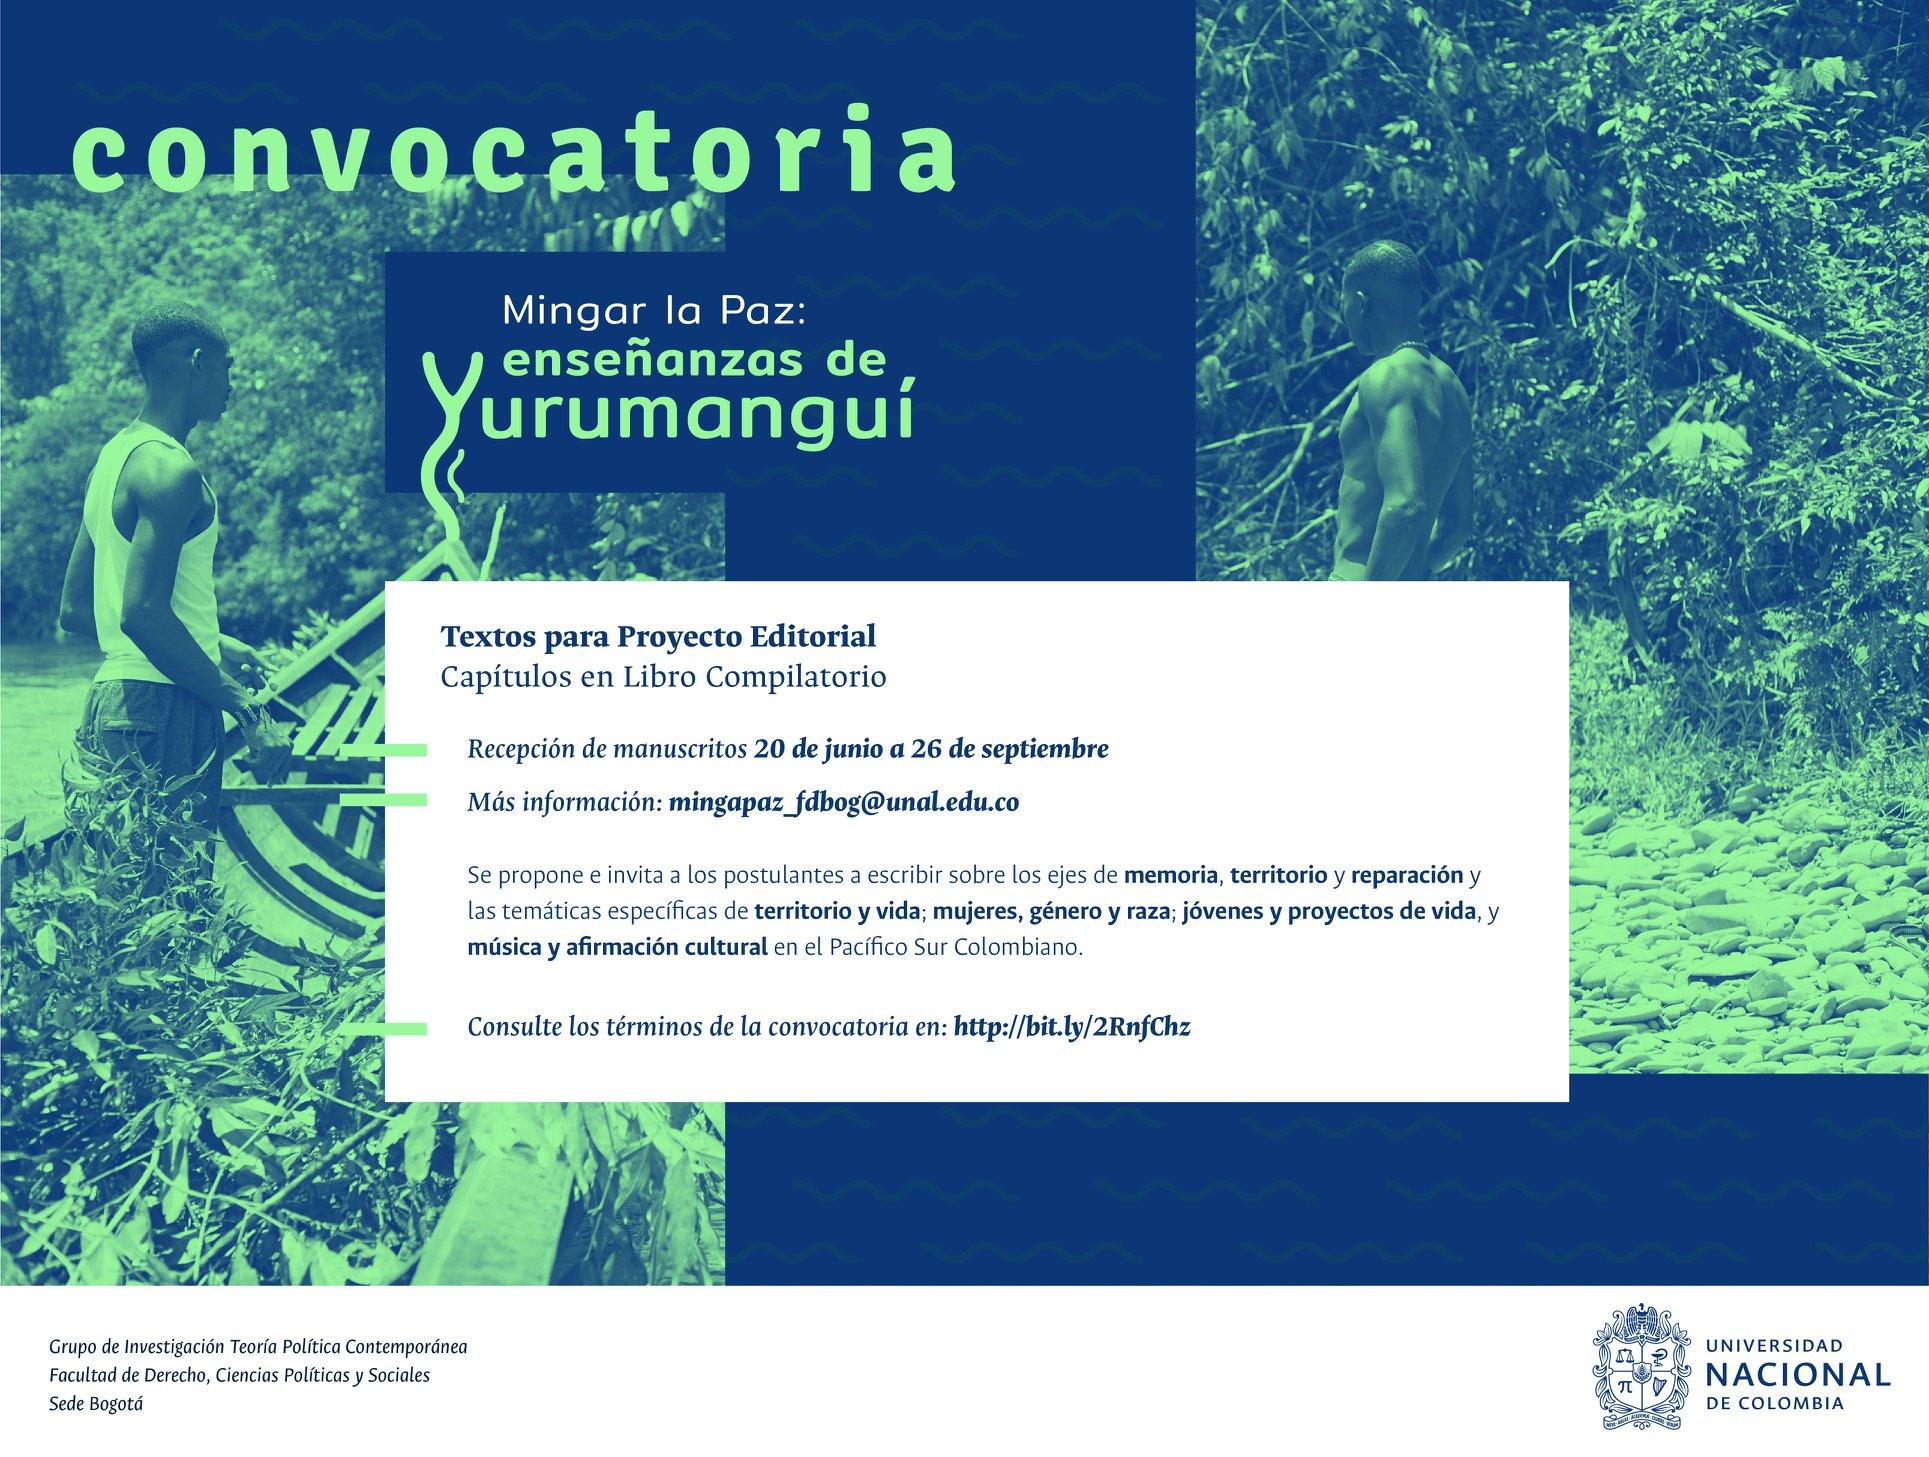 Convocatoria abierta para la recepción de textos para el libro compilatorio del proyecto de investigación «Mingar la paz: enseñanzas de Yurumanguí para pensar la reparación territorial y la construcción de paz»